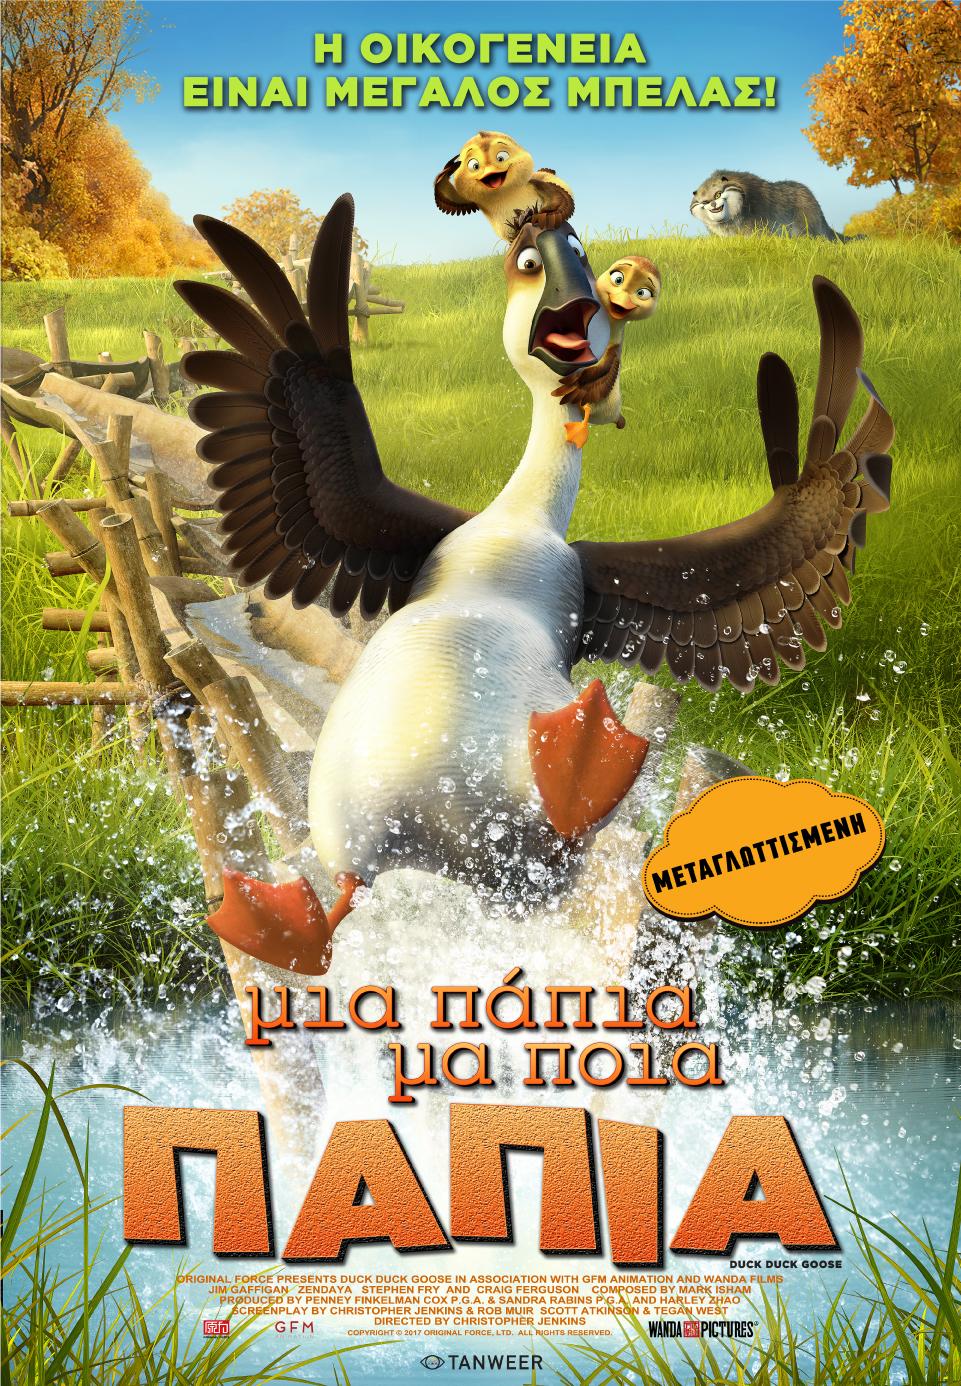 ΜΙΑ ΠΑΠΙΑ ΜΑ ΠΟΙΑ ΠΑΠΙΑ (Duck Duck Goose) - Poster